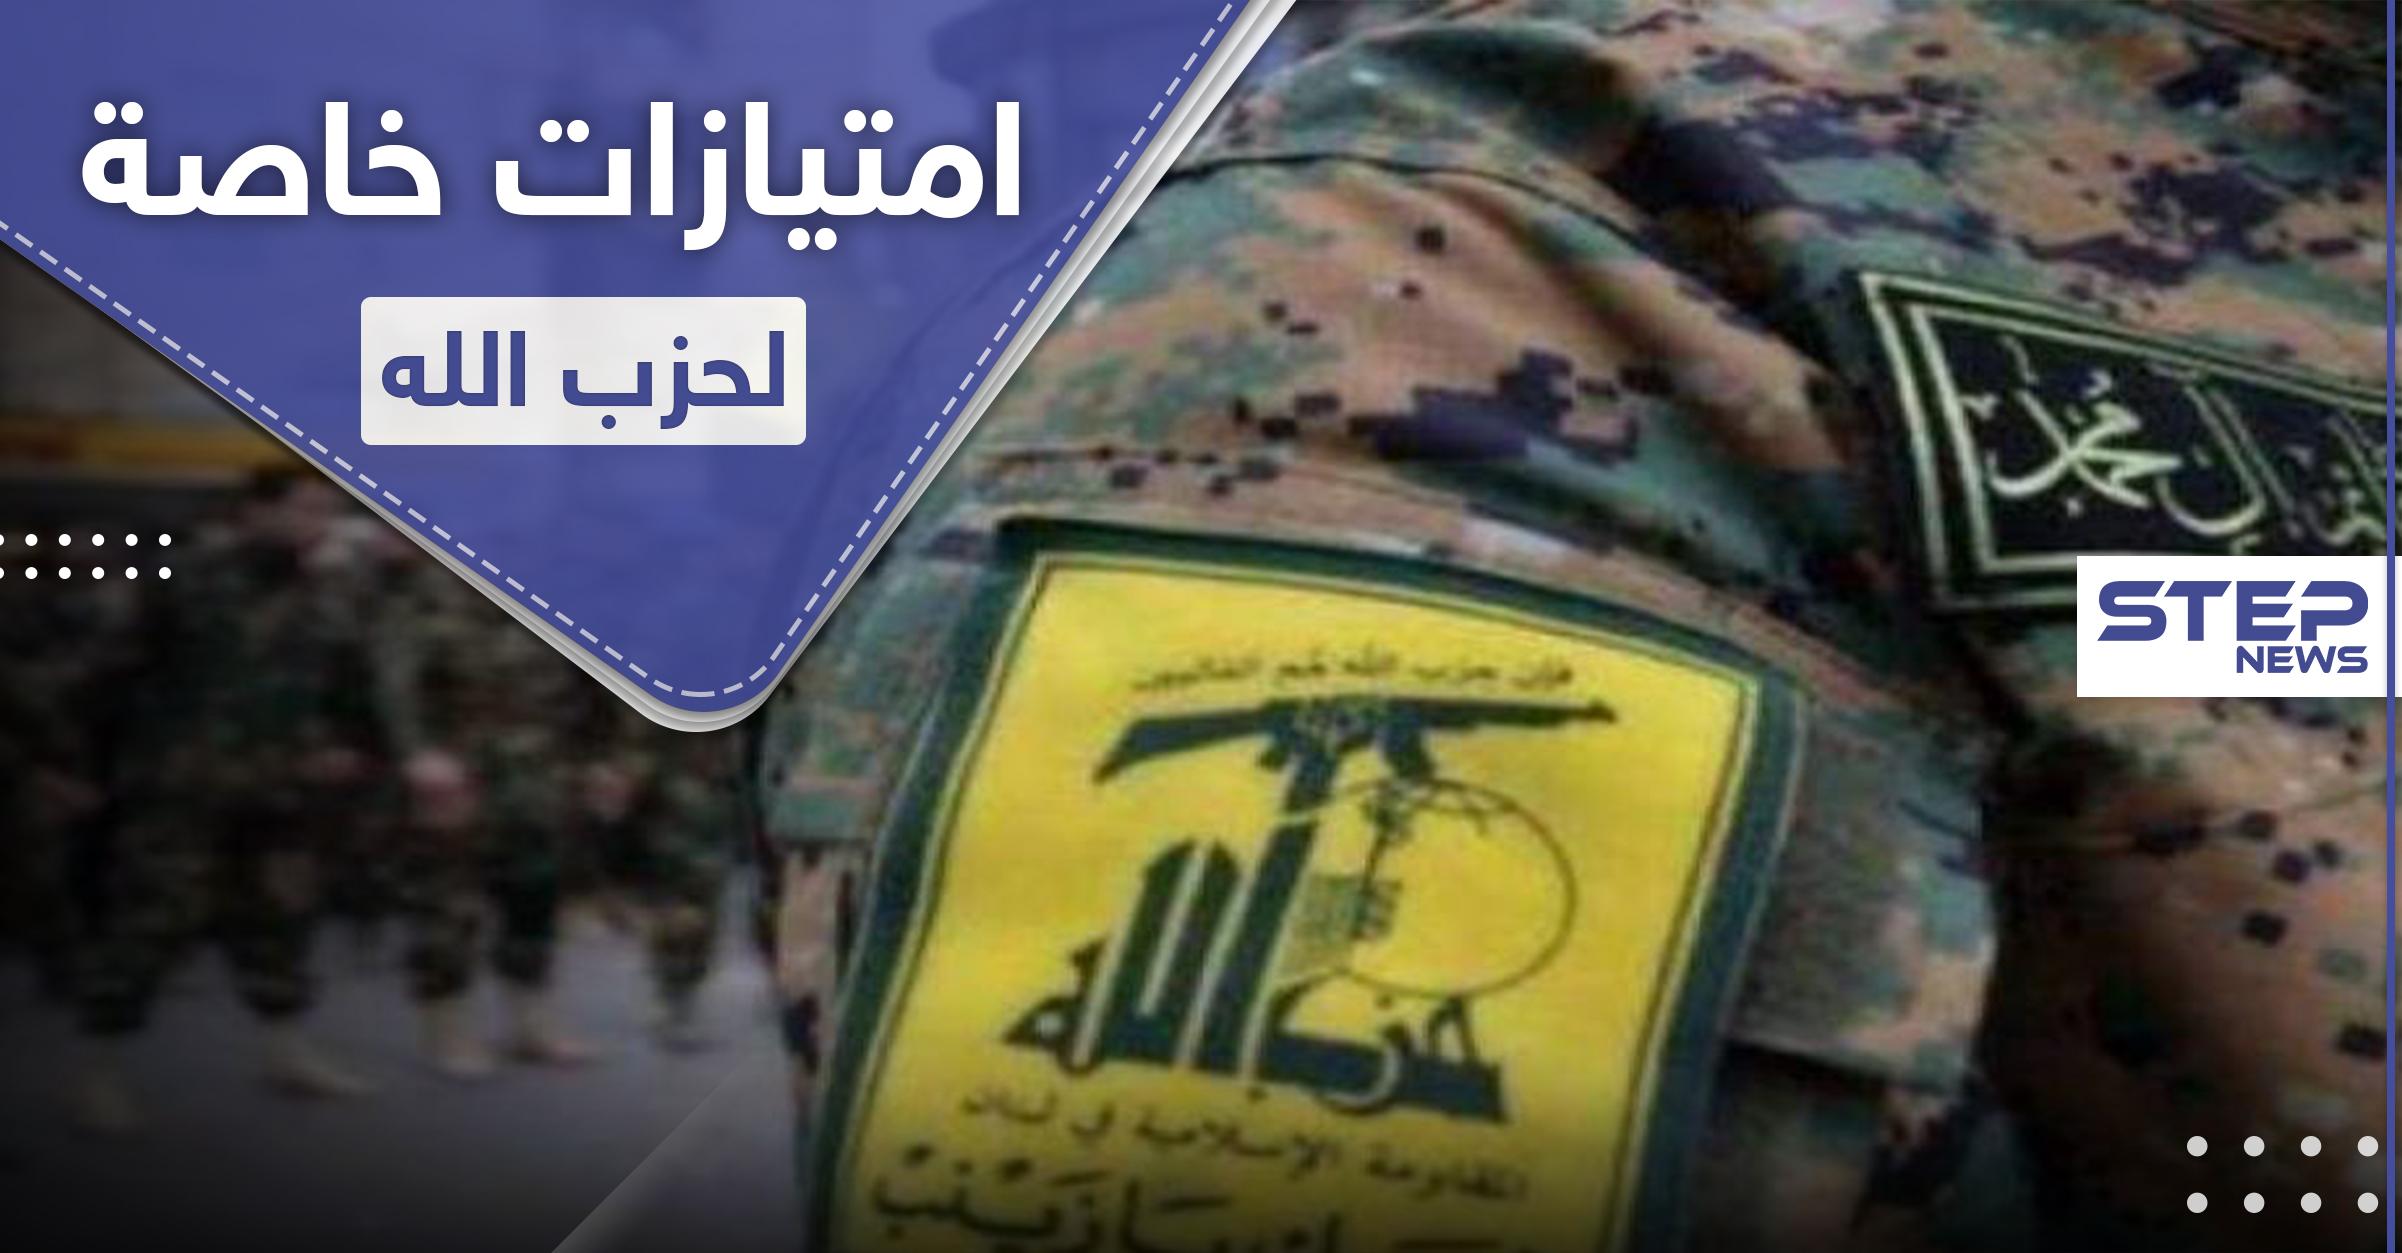 امتيازات خاصة لـ حزب الله تثير تمرداً وعصياناً داخل الميليشيات الإيرانية بدير الزور.. والتفاصيل